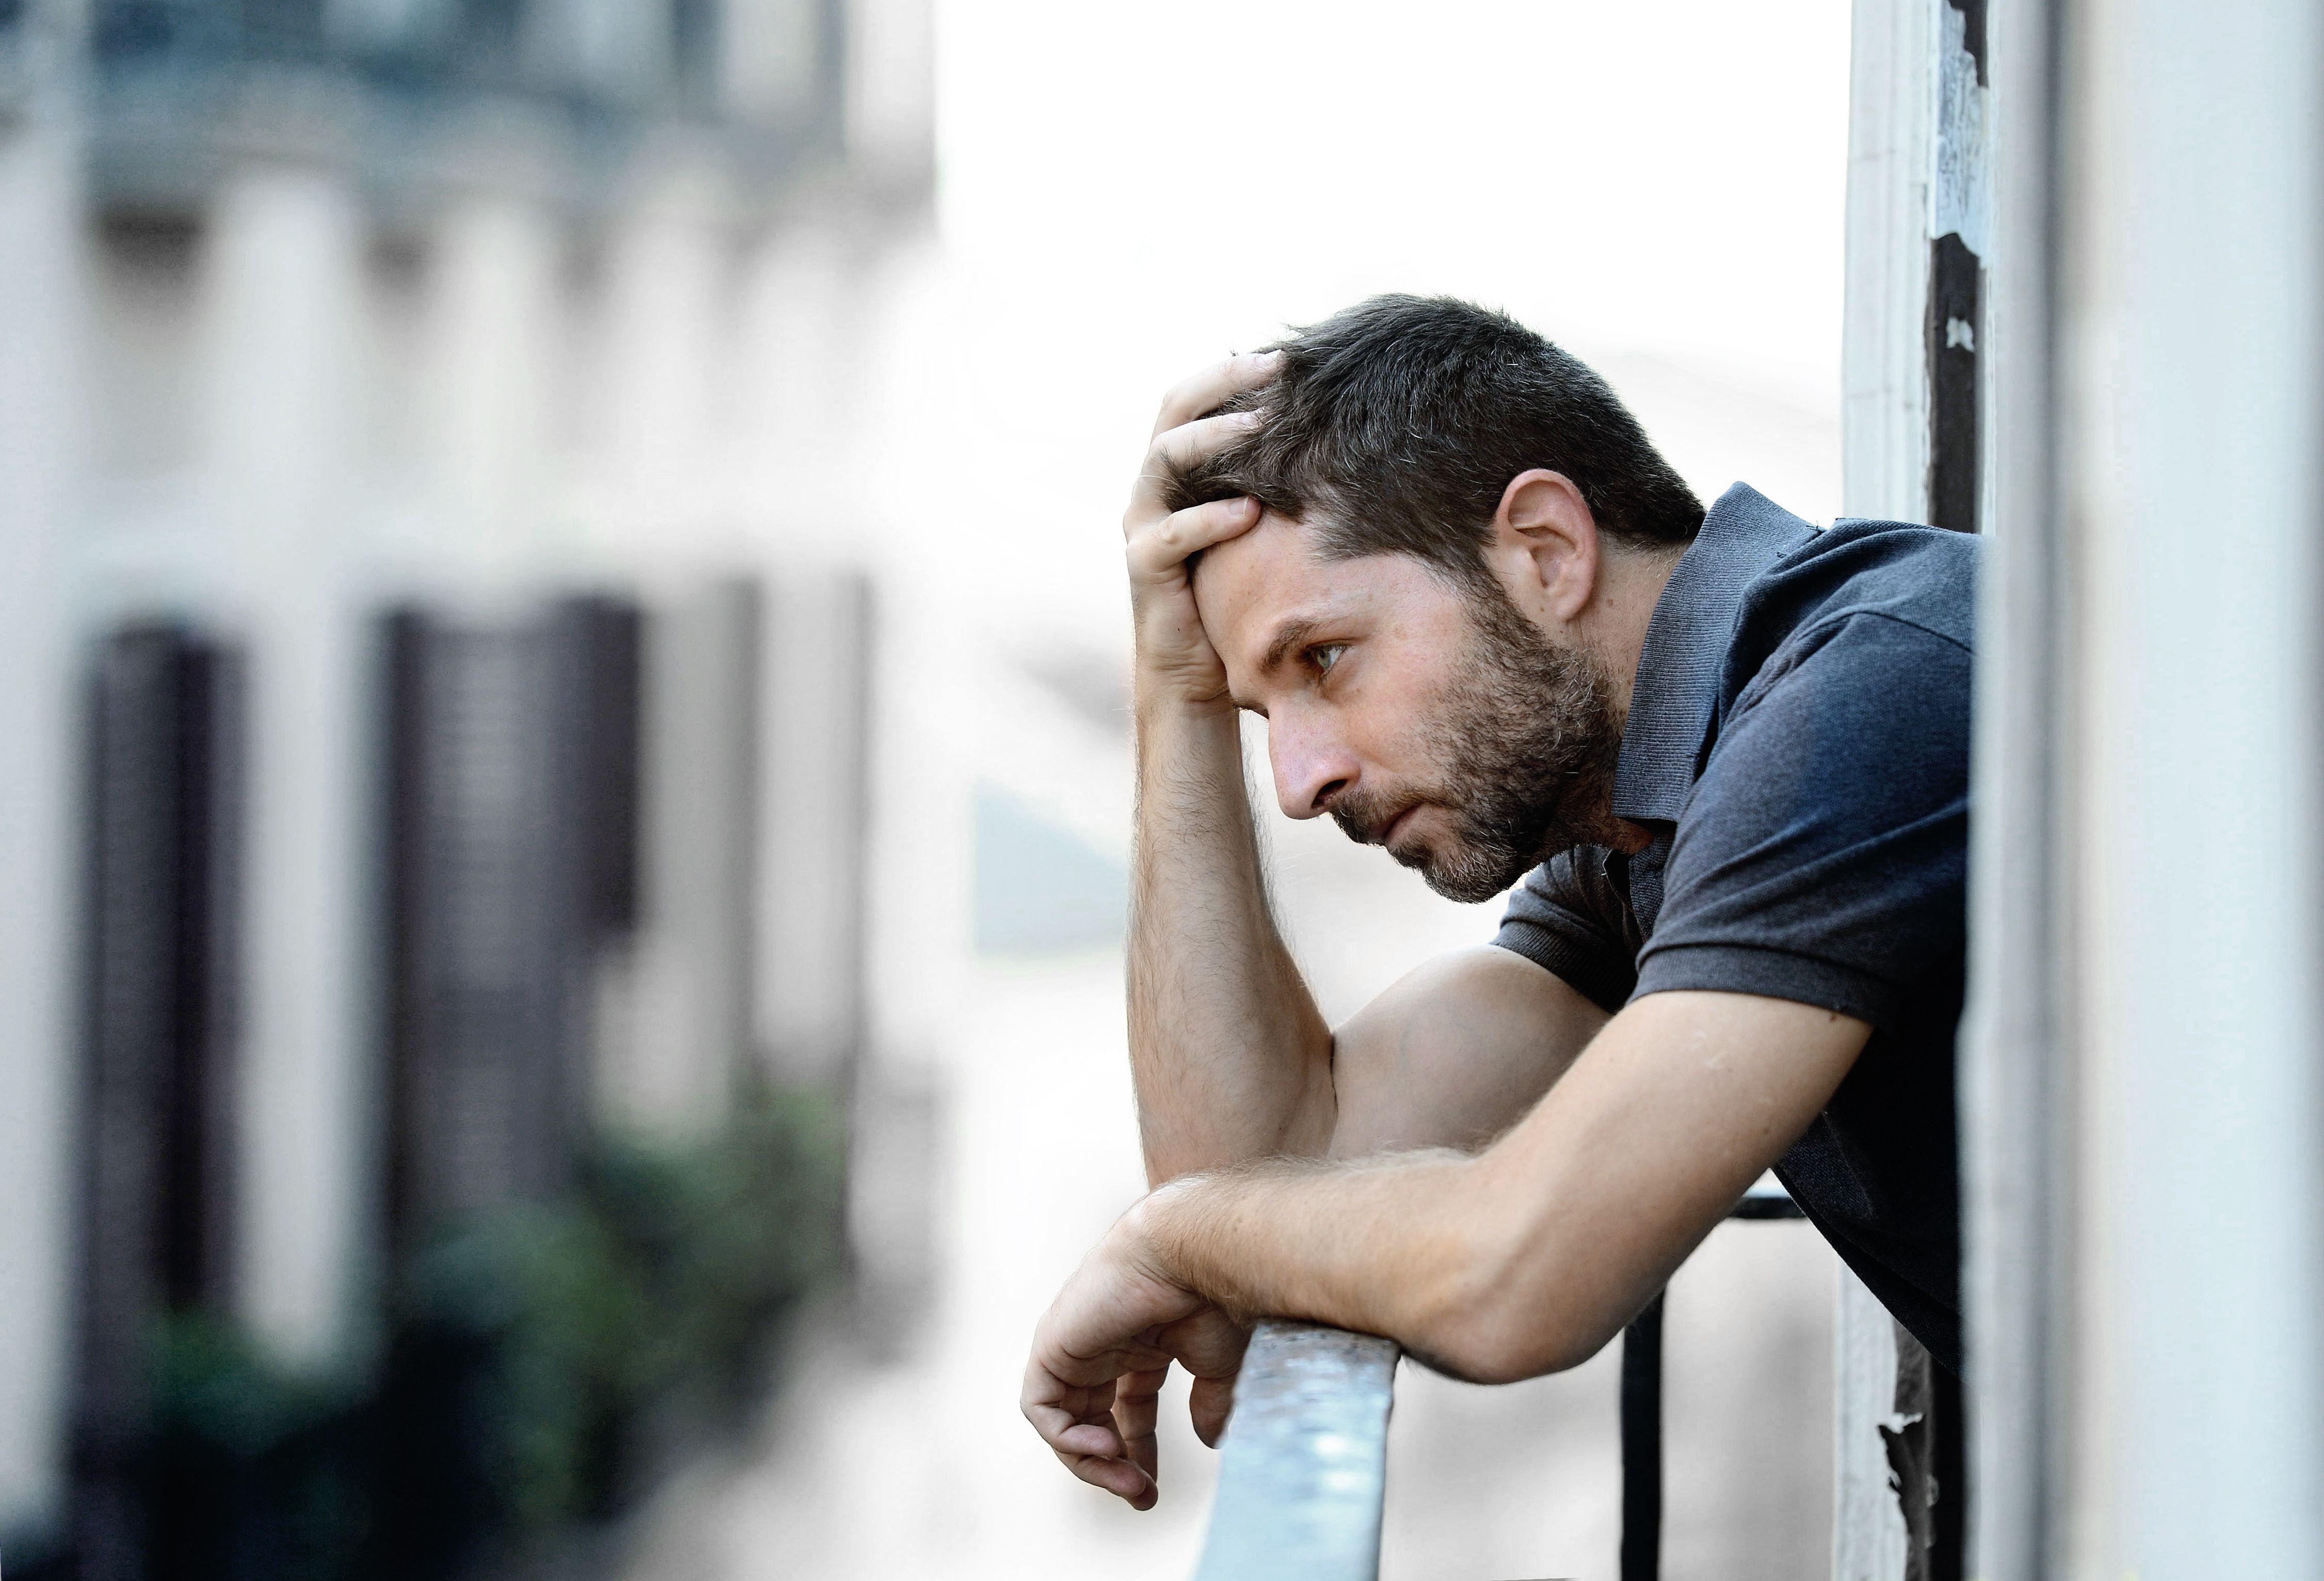 Homem na sacada pensando jpg